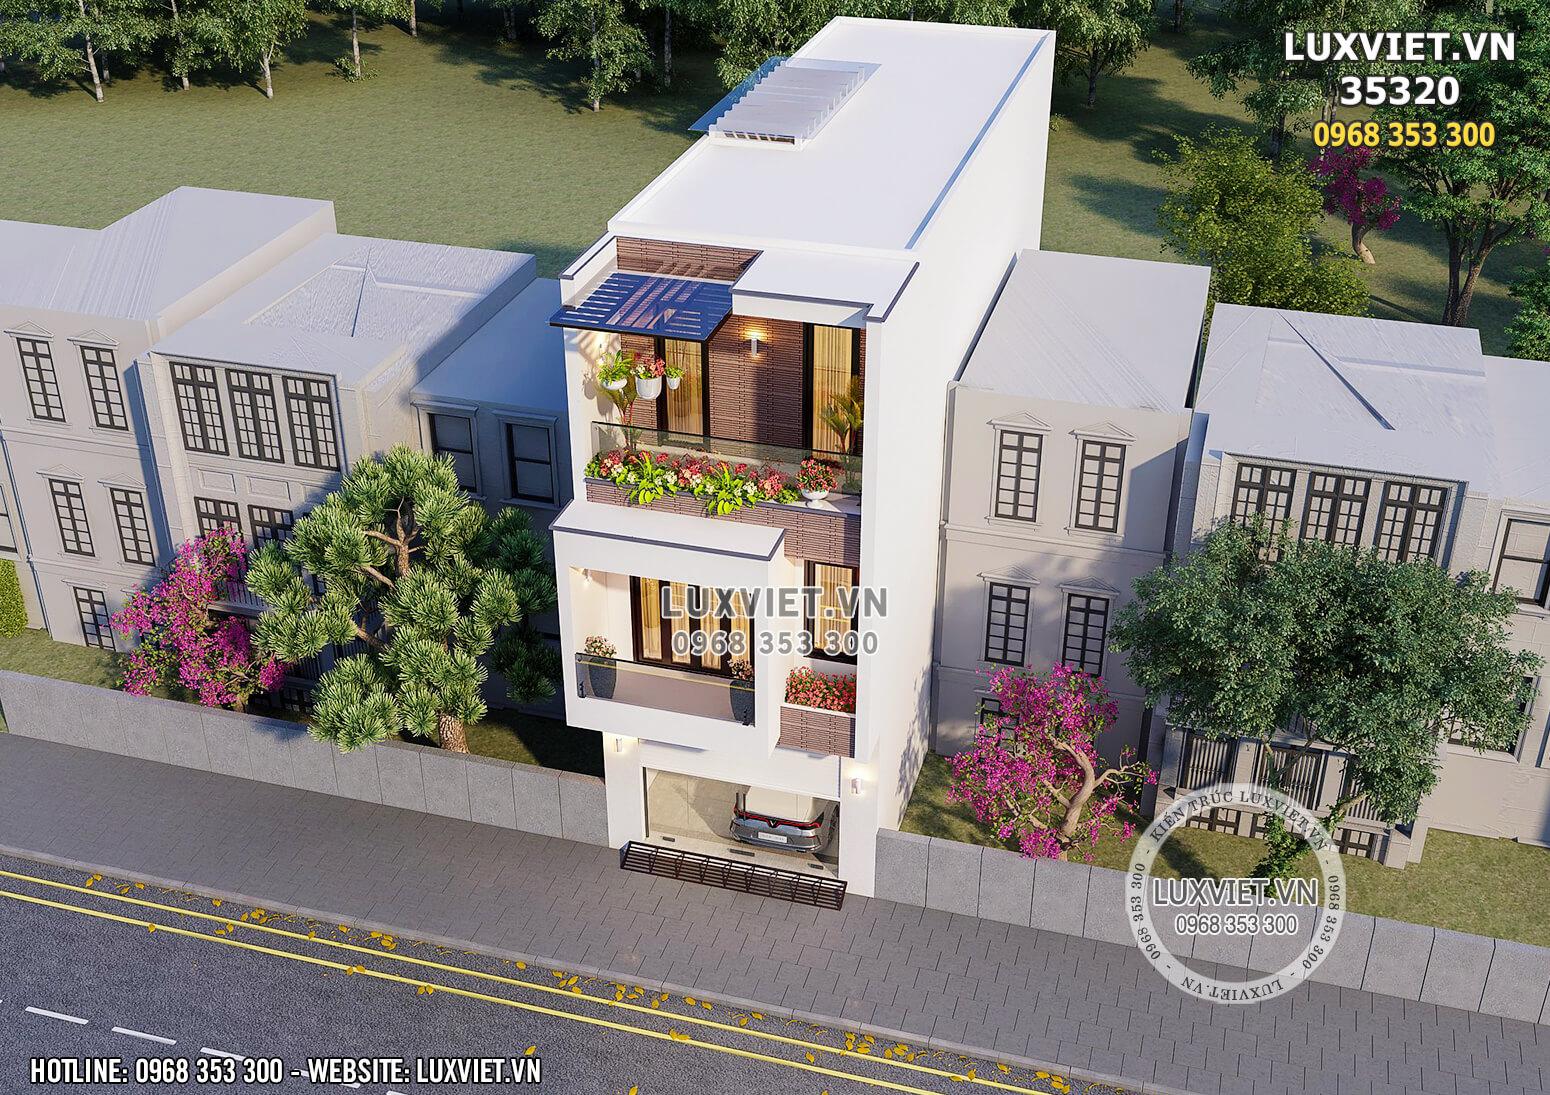 Toàn cảnh mẫu thiết kế nhà 3 tầng hiện đại